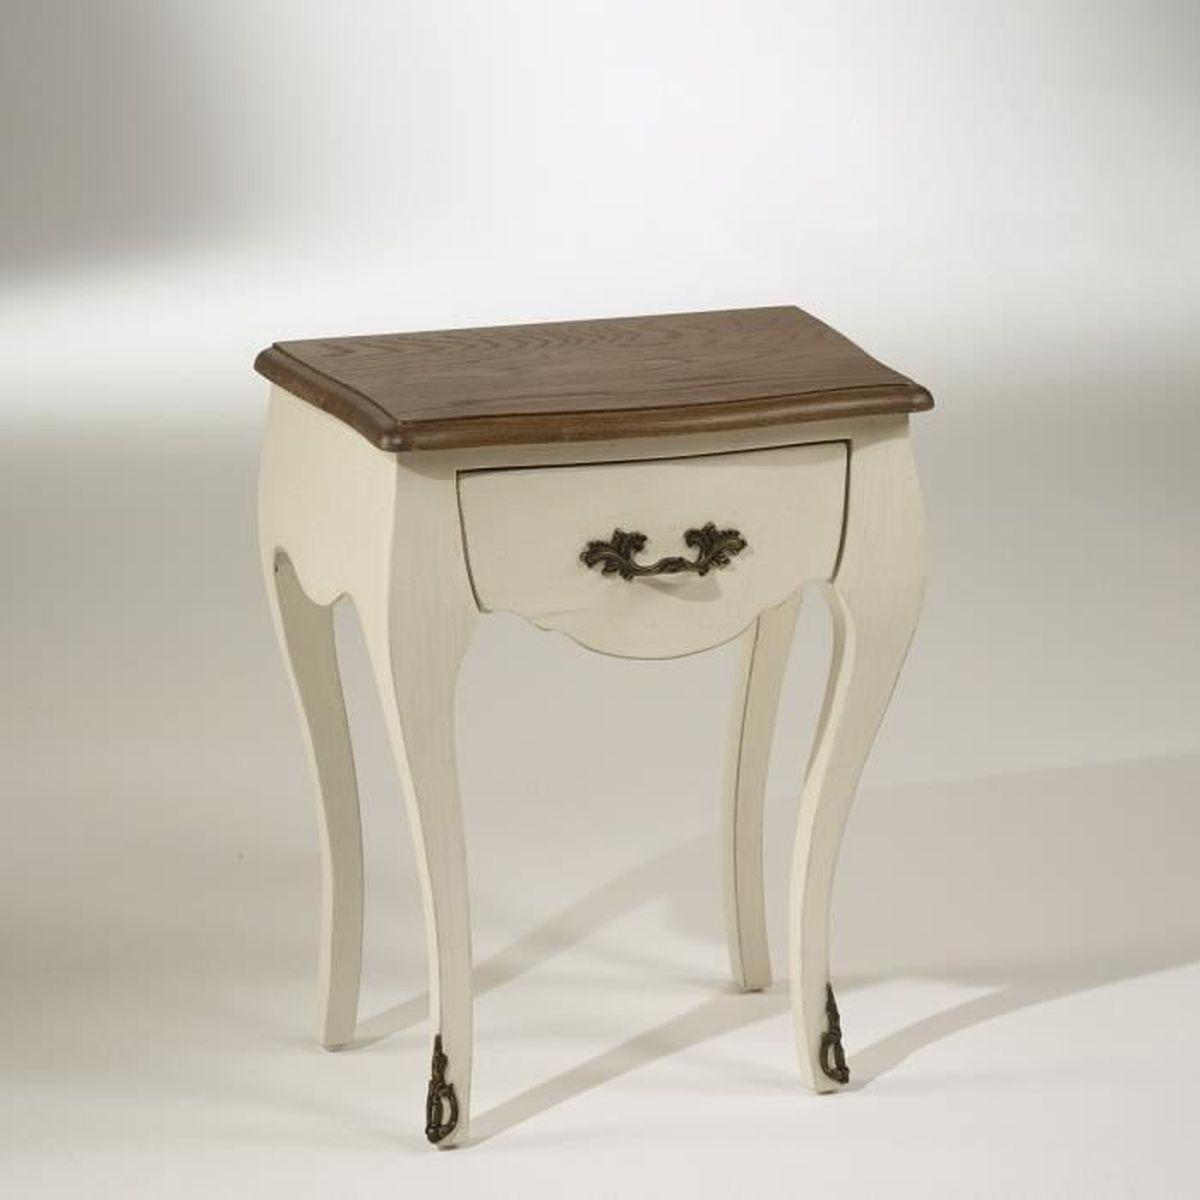 chevet blanc d ivoire 1 table de chevet contemporaine en bois en m tal rectangulaire. Black Bedroom Furniture Sets. Home Design Ideas